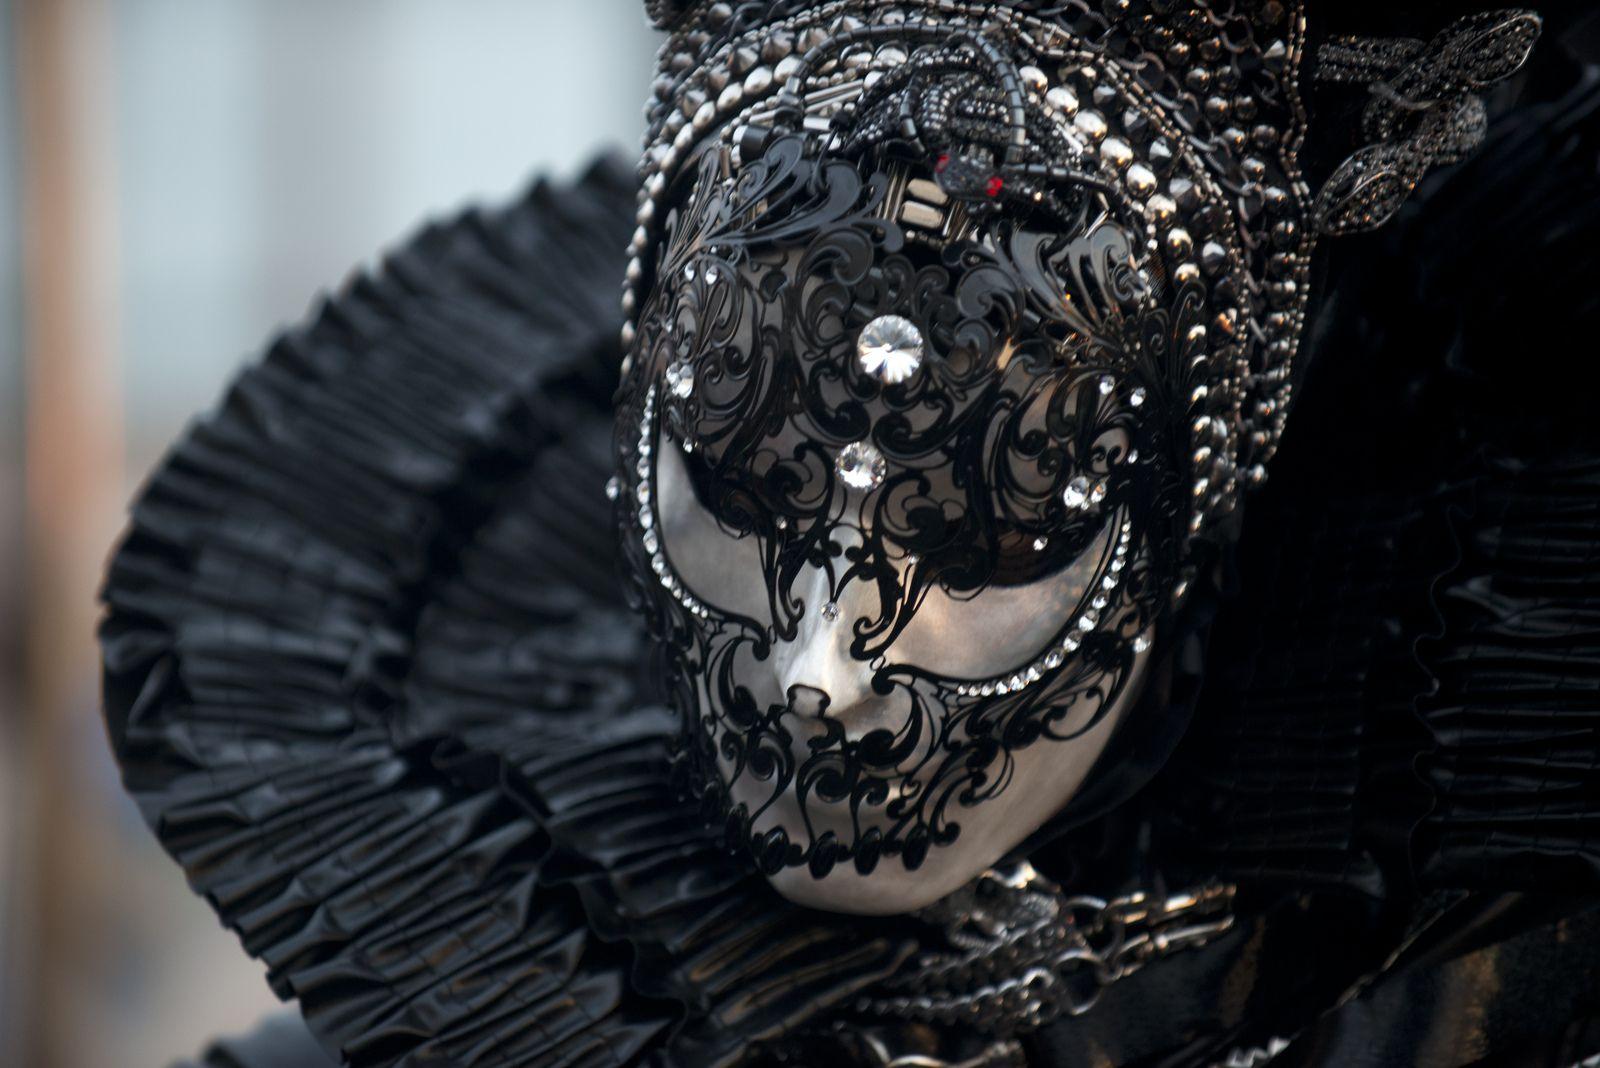 Carnevale di Venezia 2013 |